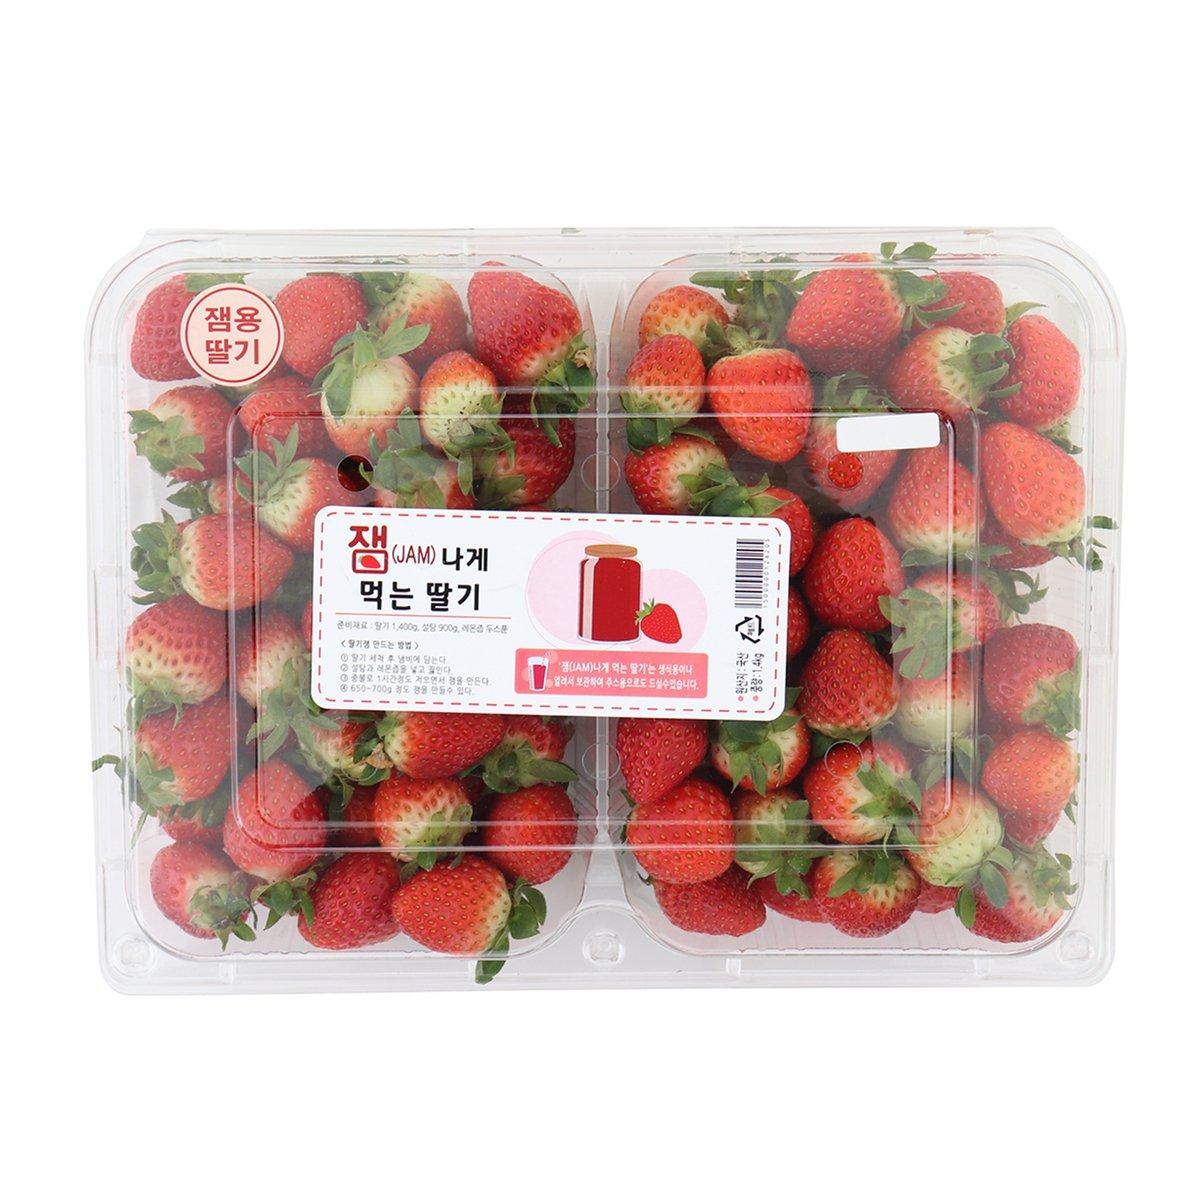 [국내산] 딸기 1.2kg/팩